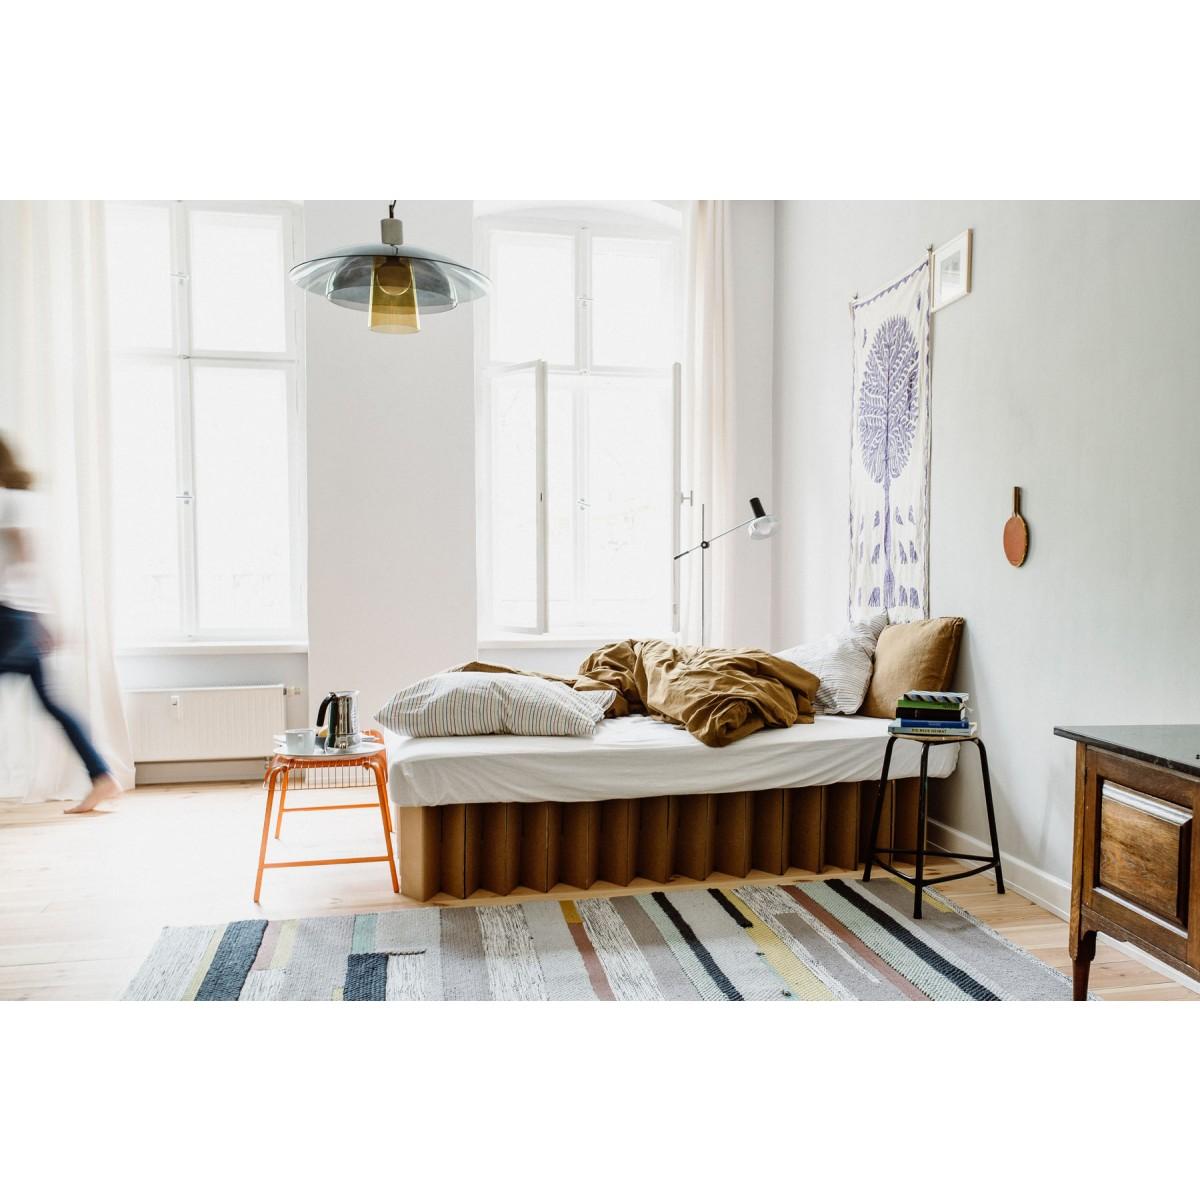 Bett 2.0 (natur) | ROOM IN A BOX